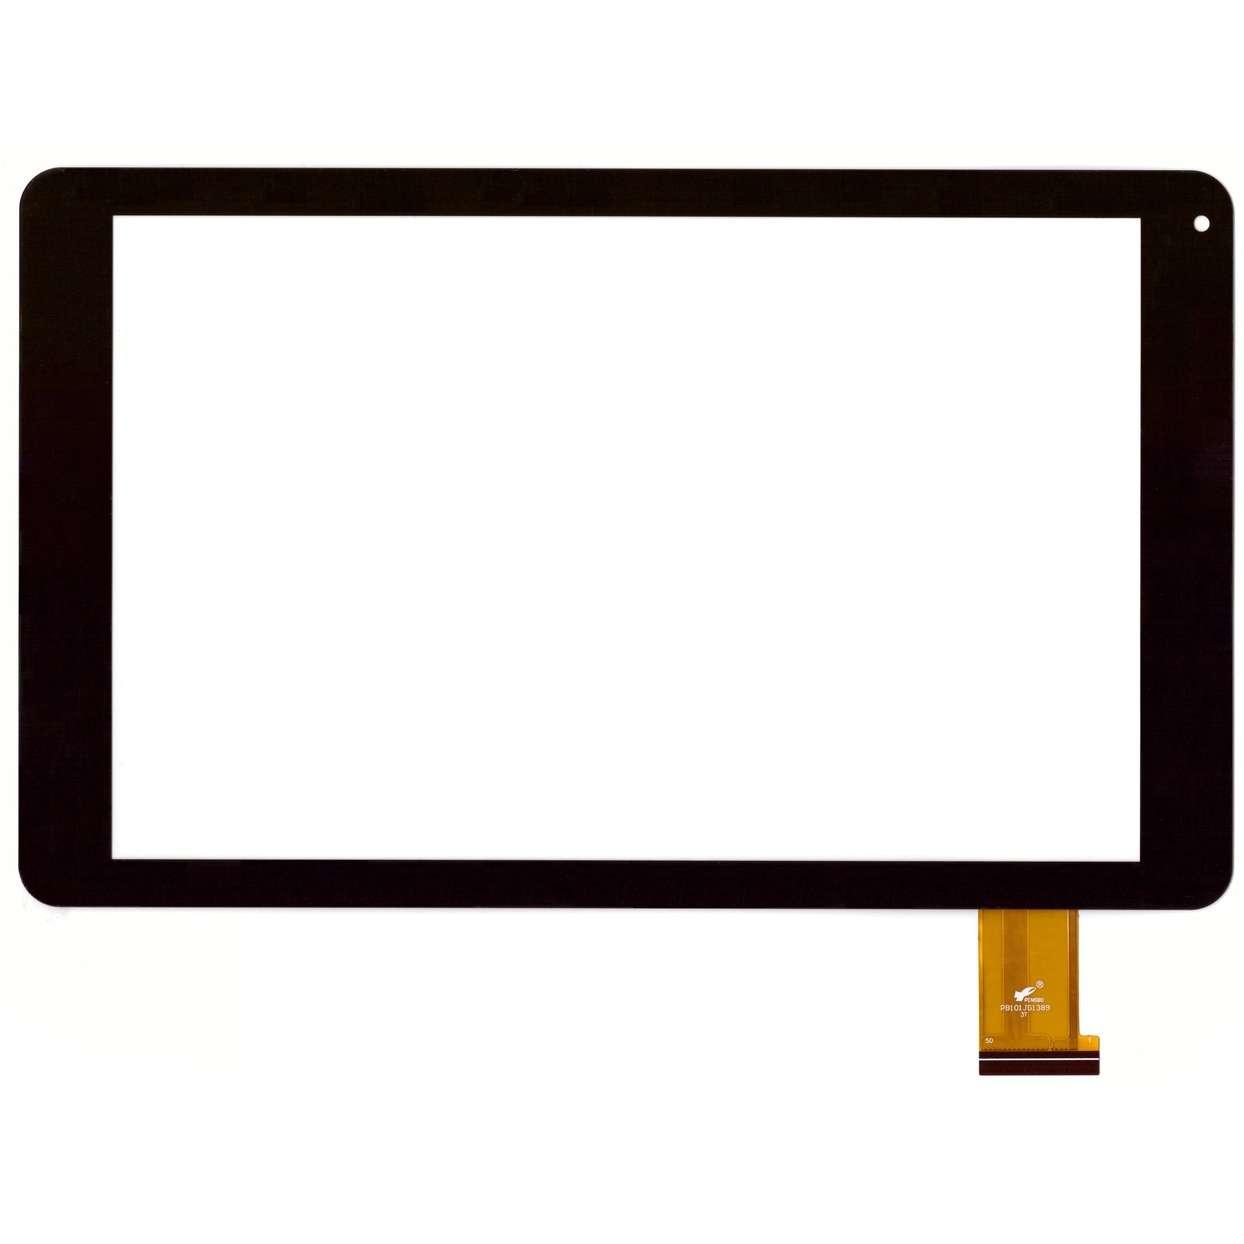 Touchscreen Digitizer Takara MID 212 Geam Sticla Tableta imagine powerlaptop.ro 2021